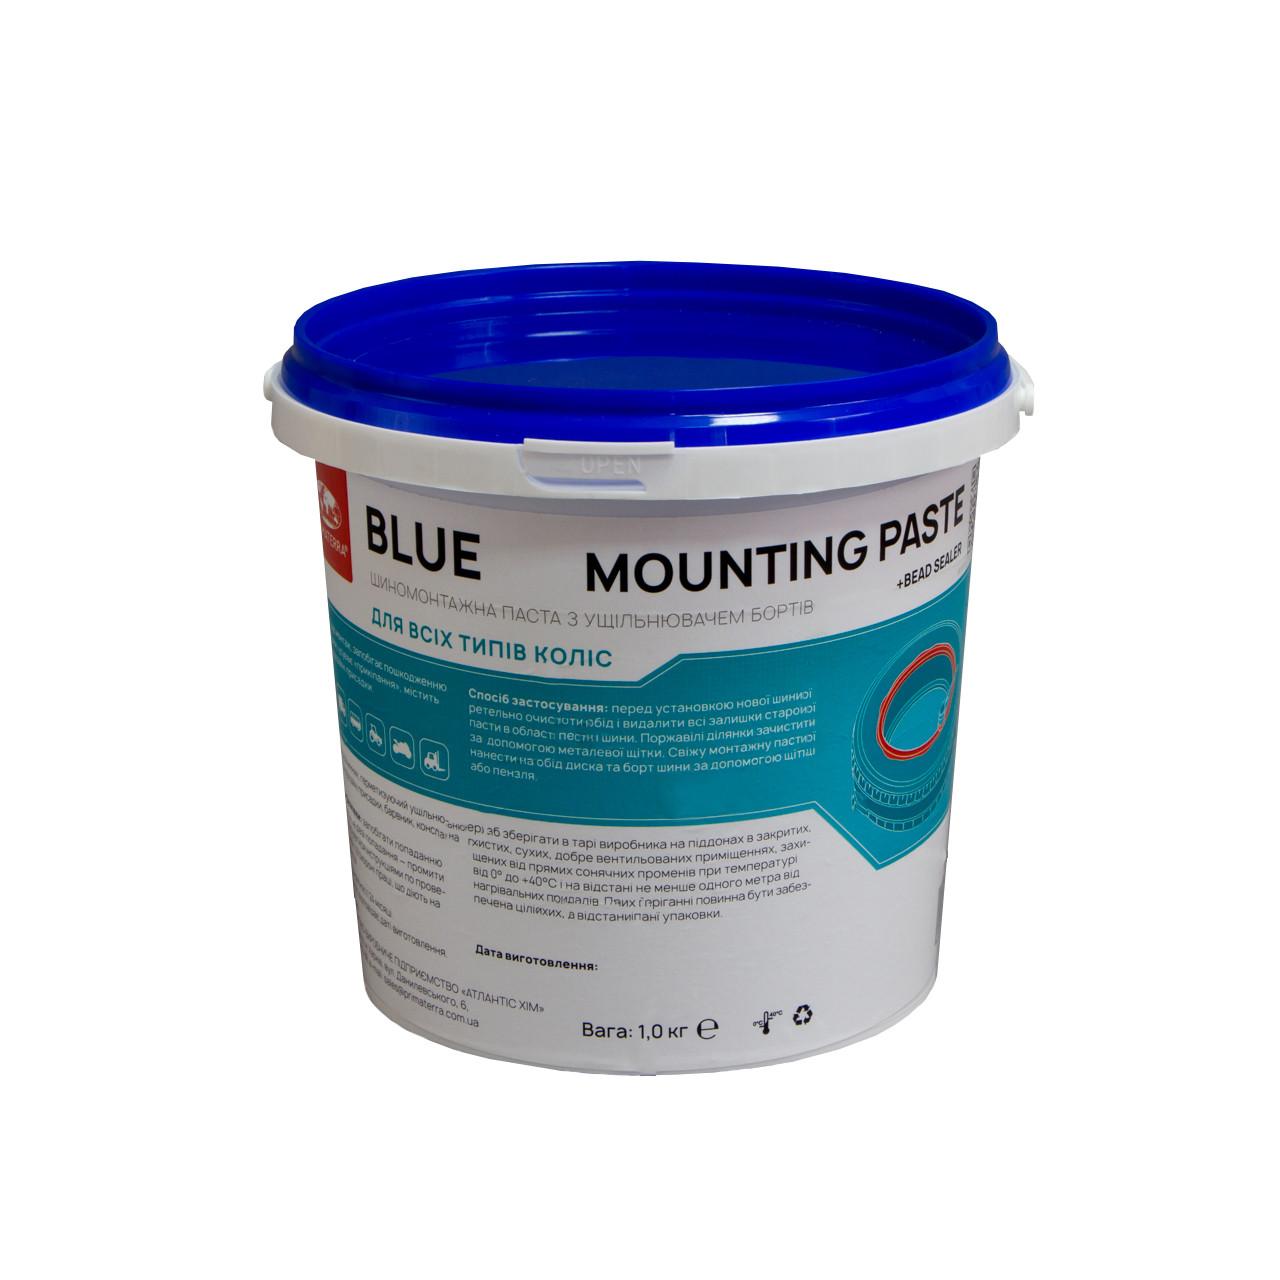 Шиномонтажная паста BLUE (ГЕЛЕВАЯ, акрилово-силиконовая, с уплотнителем), 1кг